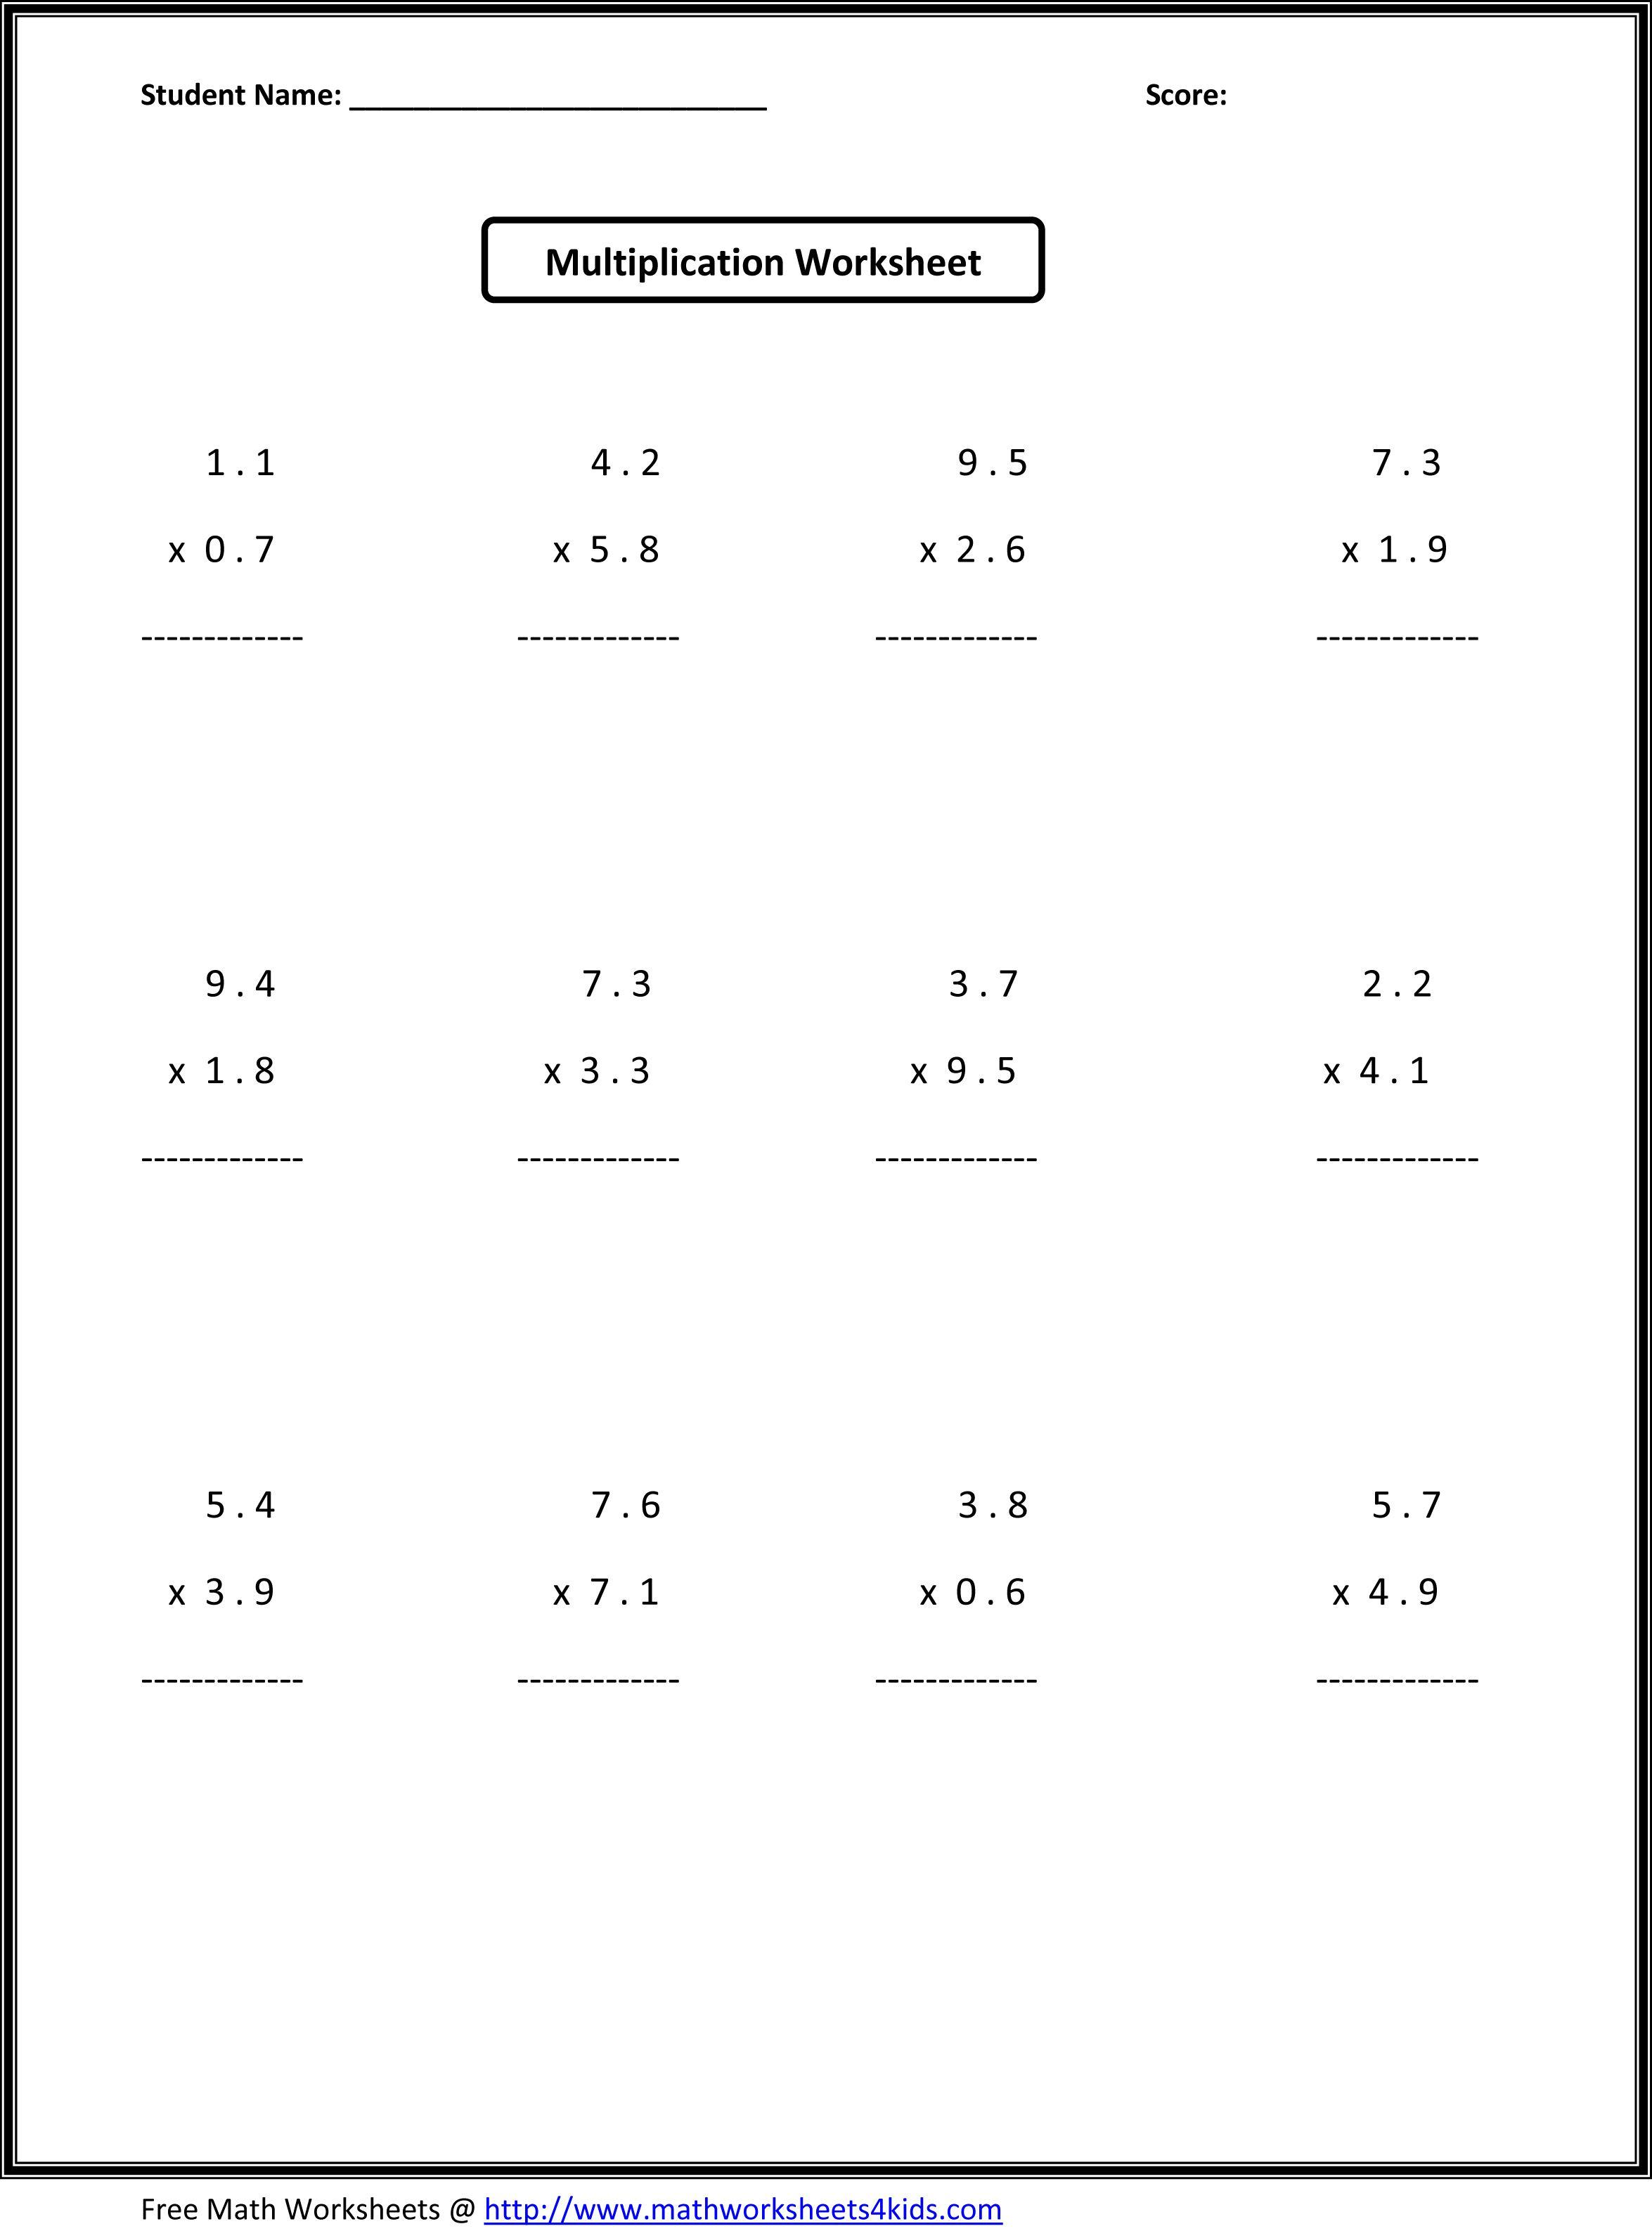 7Th Grade Math Worksheets | Value Worksheets Absolute Value | Multiplication Worksheets 7Th Grade Printable